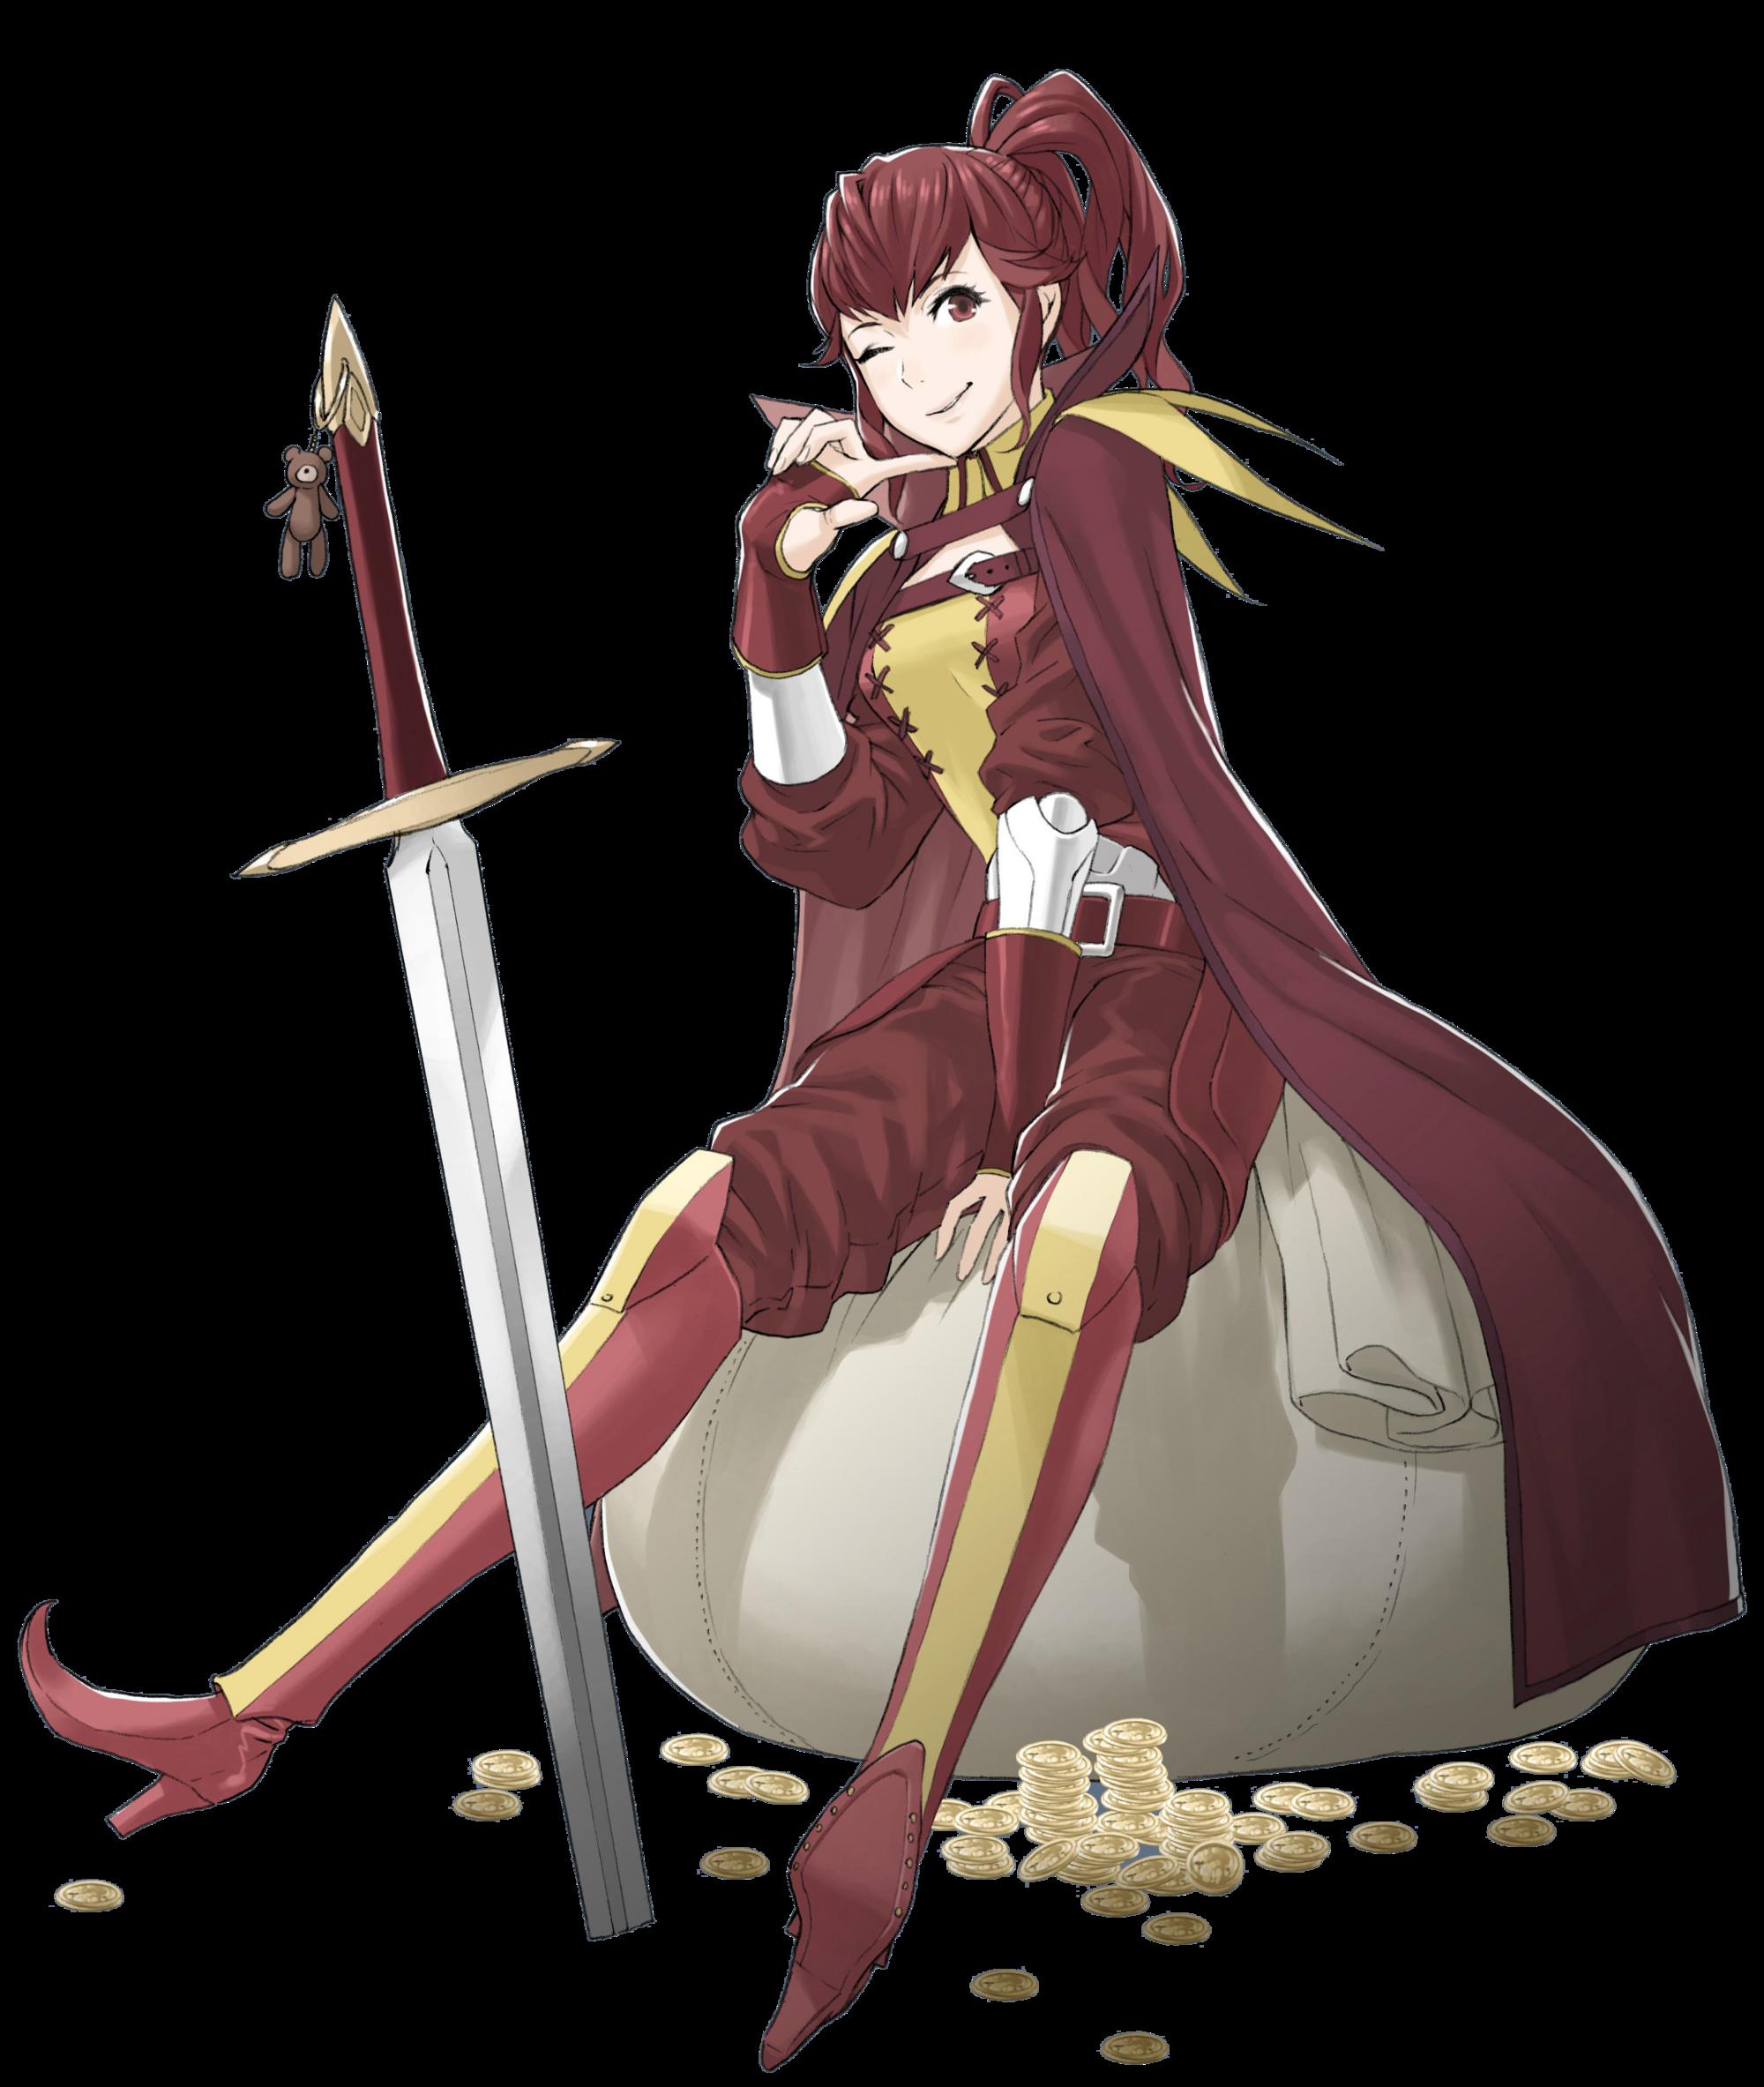 Sakura | Fire Emblem Wiki | FANDOM powered by Wikia